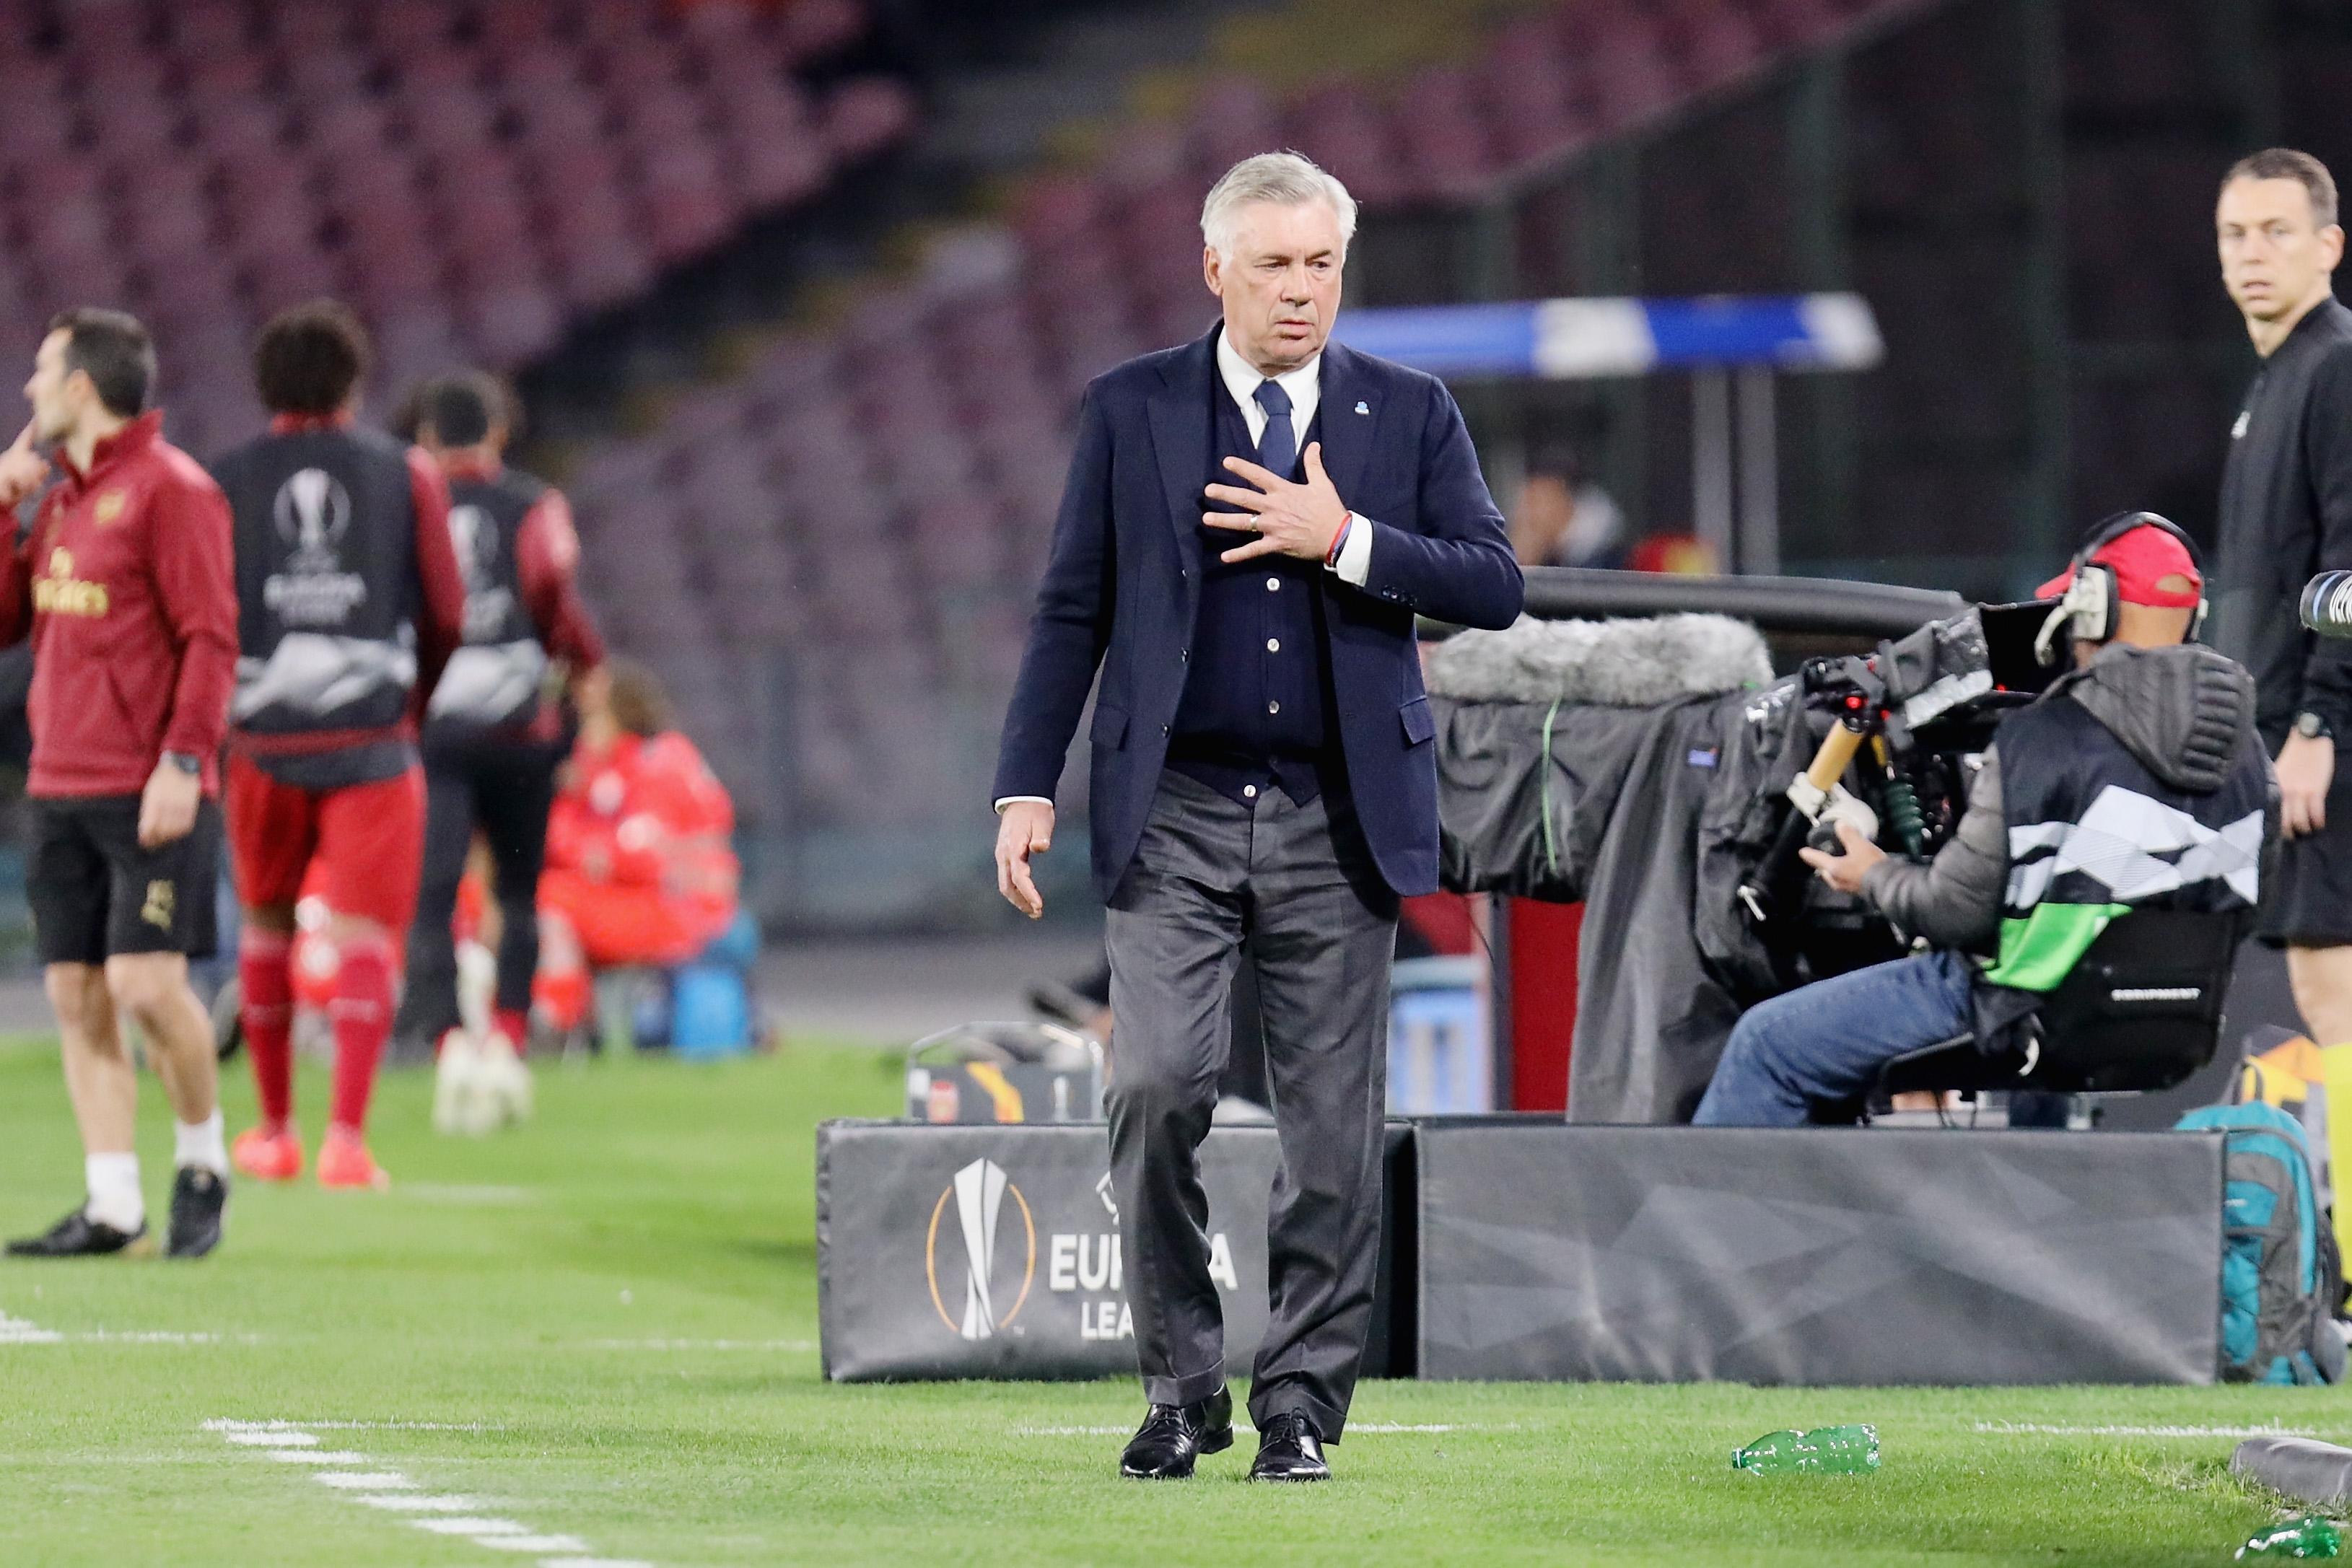 Треньорът на Наполи Карло Анчелоти изрази разочарованието си от втората